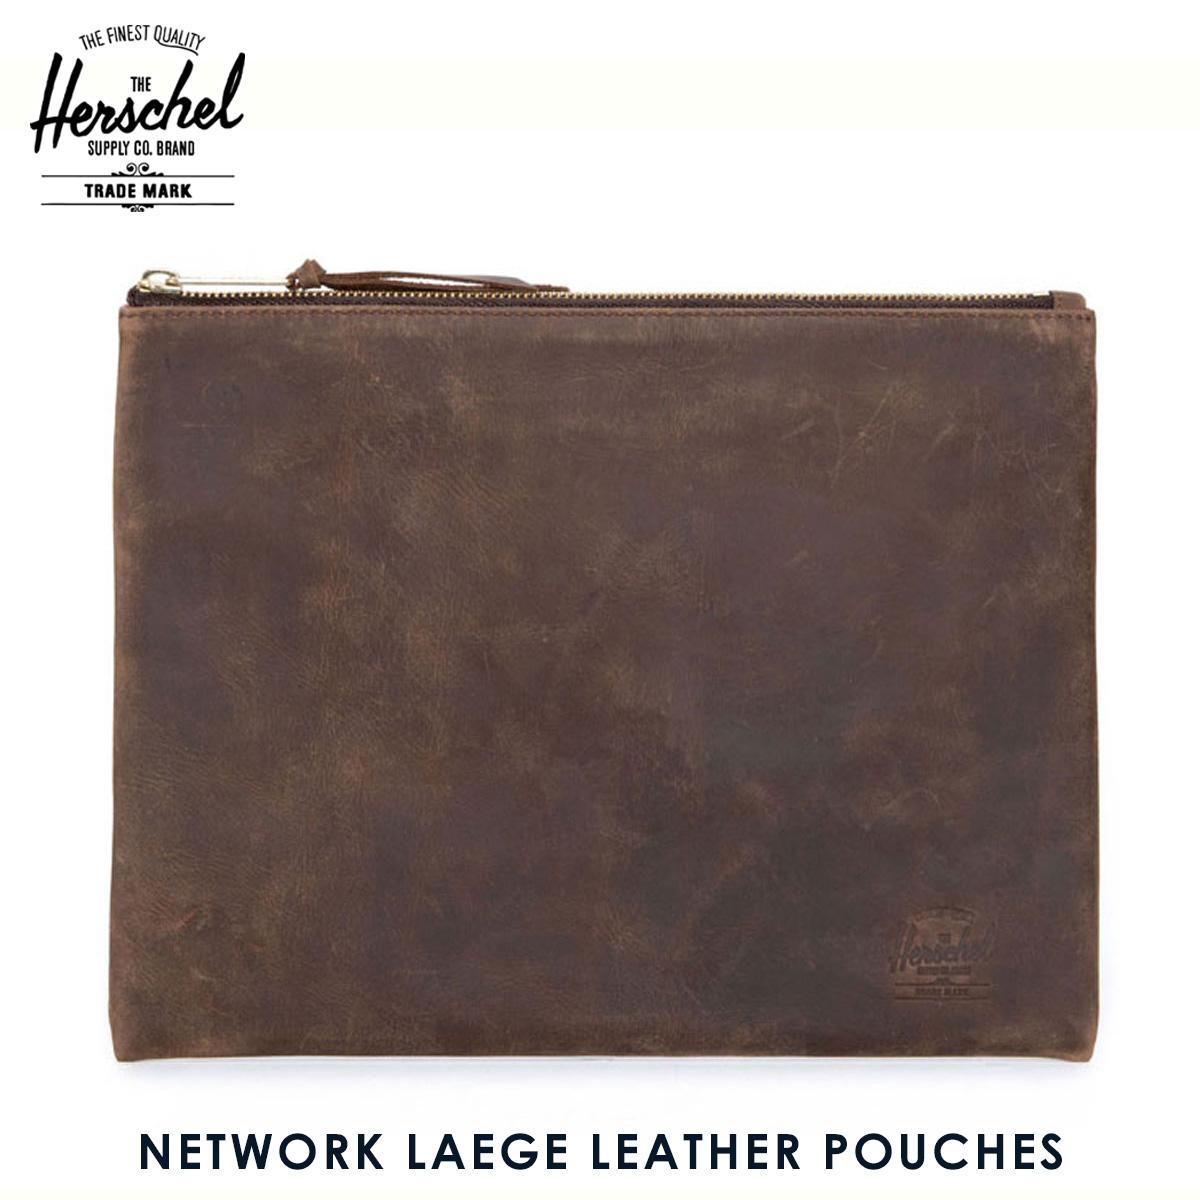 ハーシェル サプライ Herschel Supply 正規販売店 ポーチ NETWORK LAEGE LEATHER POUCHES CLASSICS 10163-00037-OS NUBUCK LEATHER D00S20